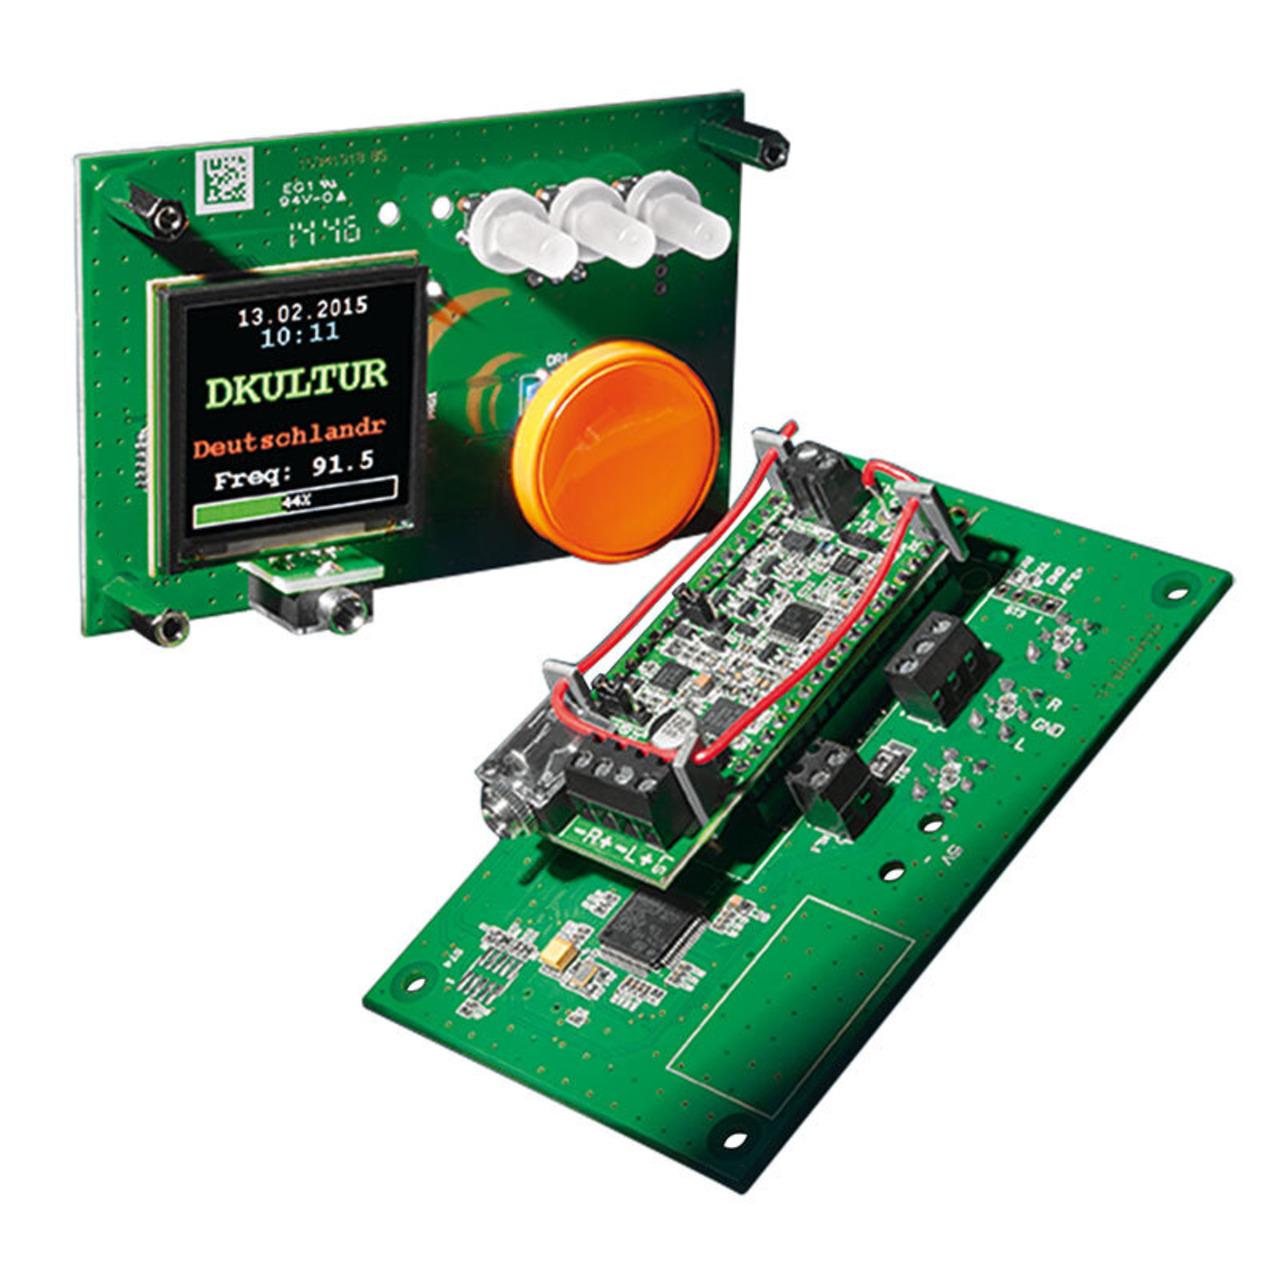 ELV Bausatz Bedien- und Anzeigeeinheit FM-RM1BE- für FM-Receiver Modul FM-RM1